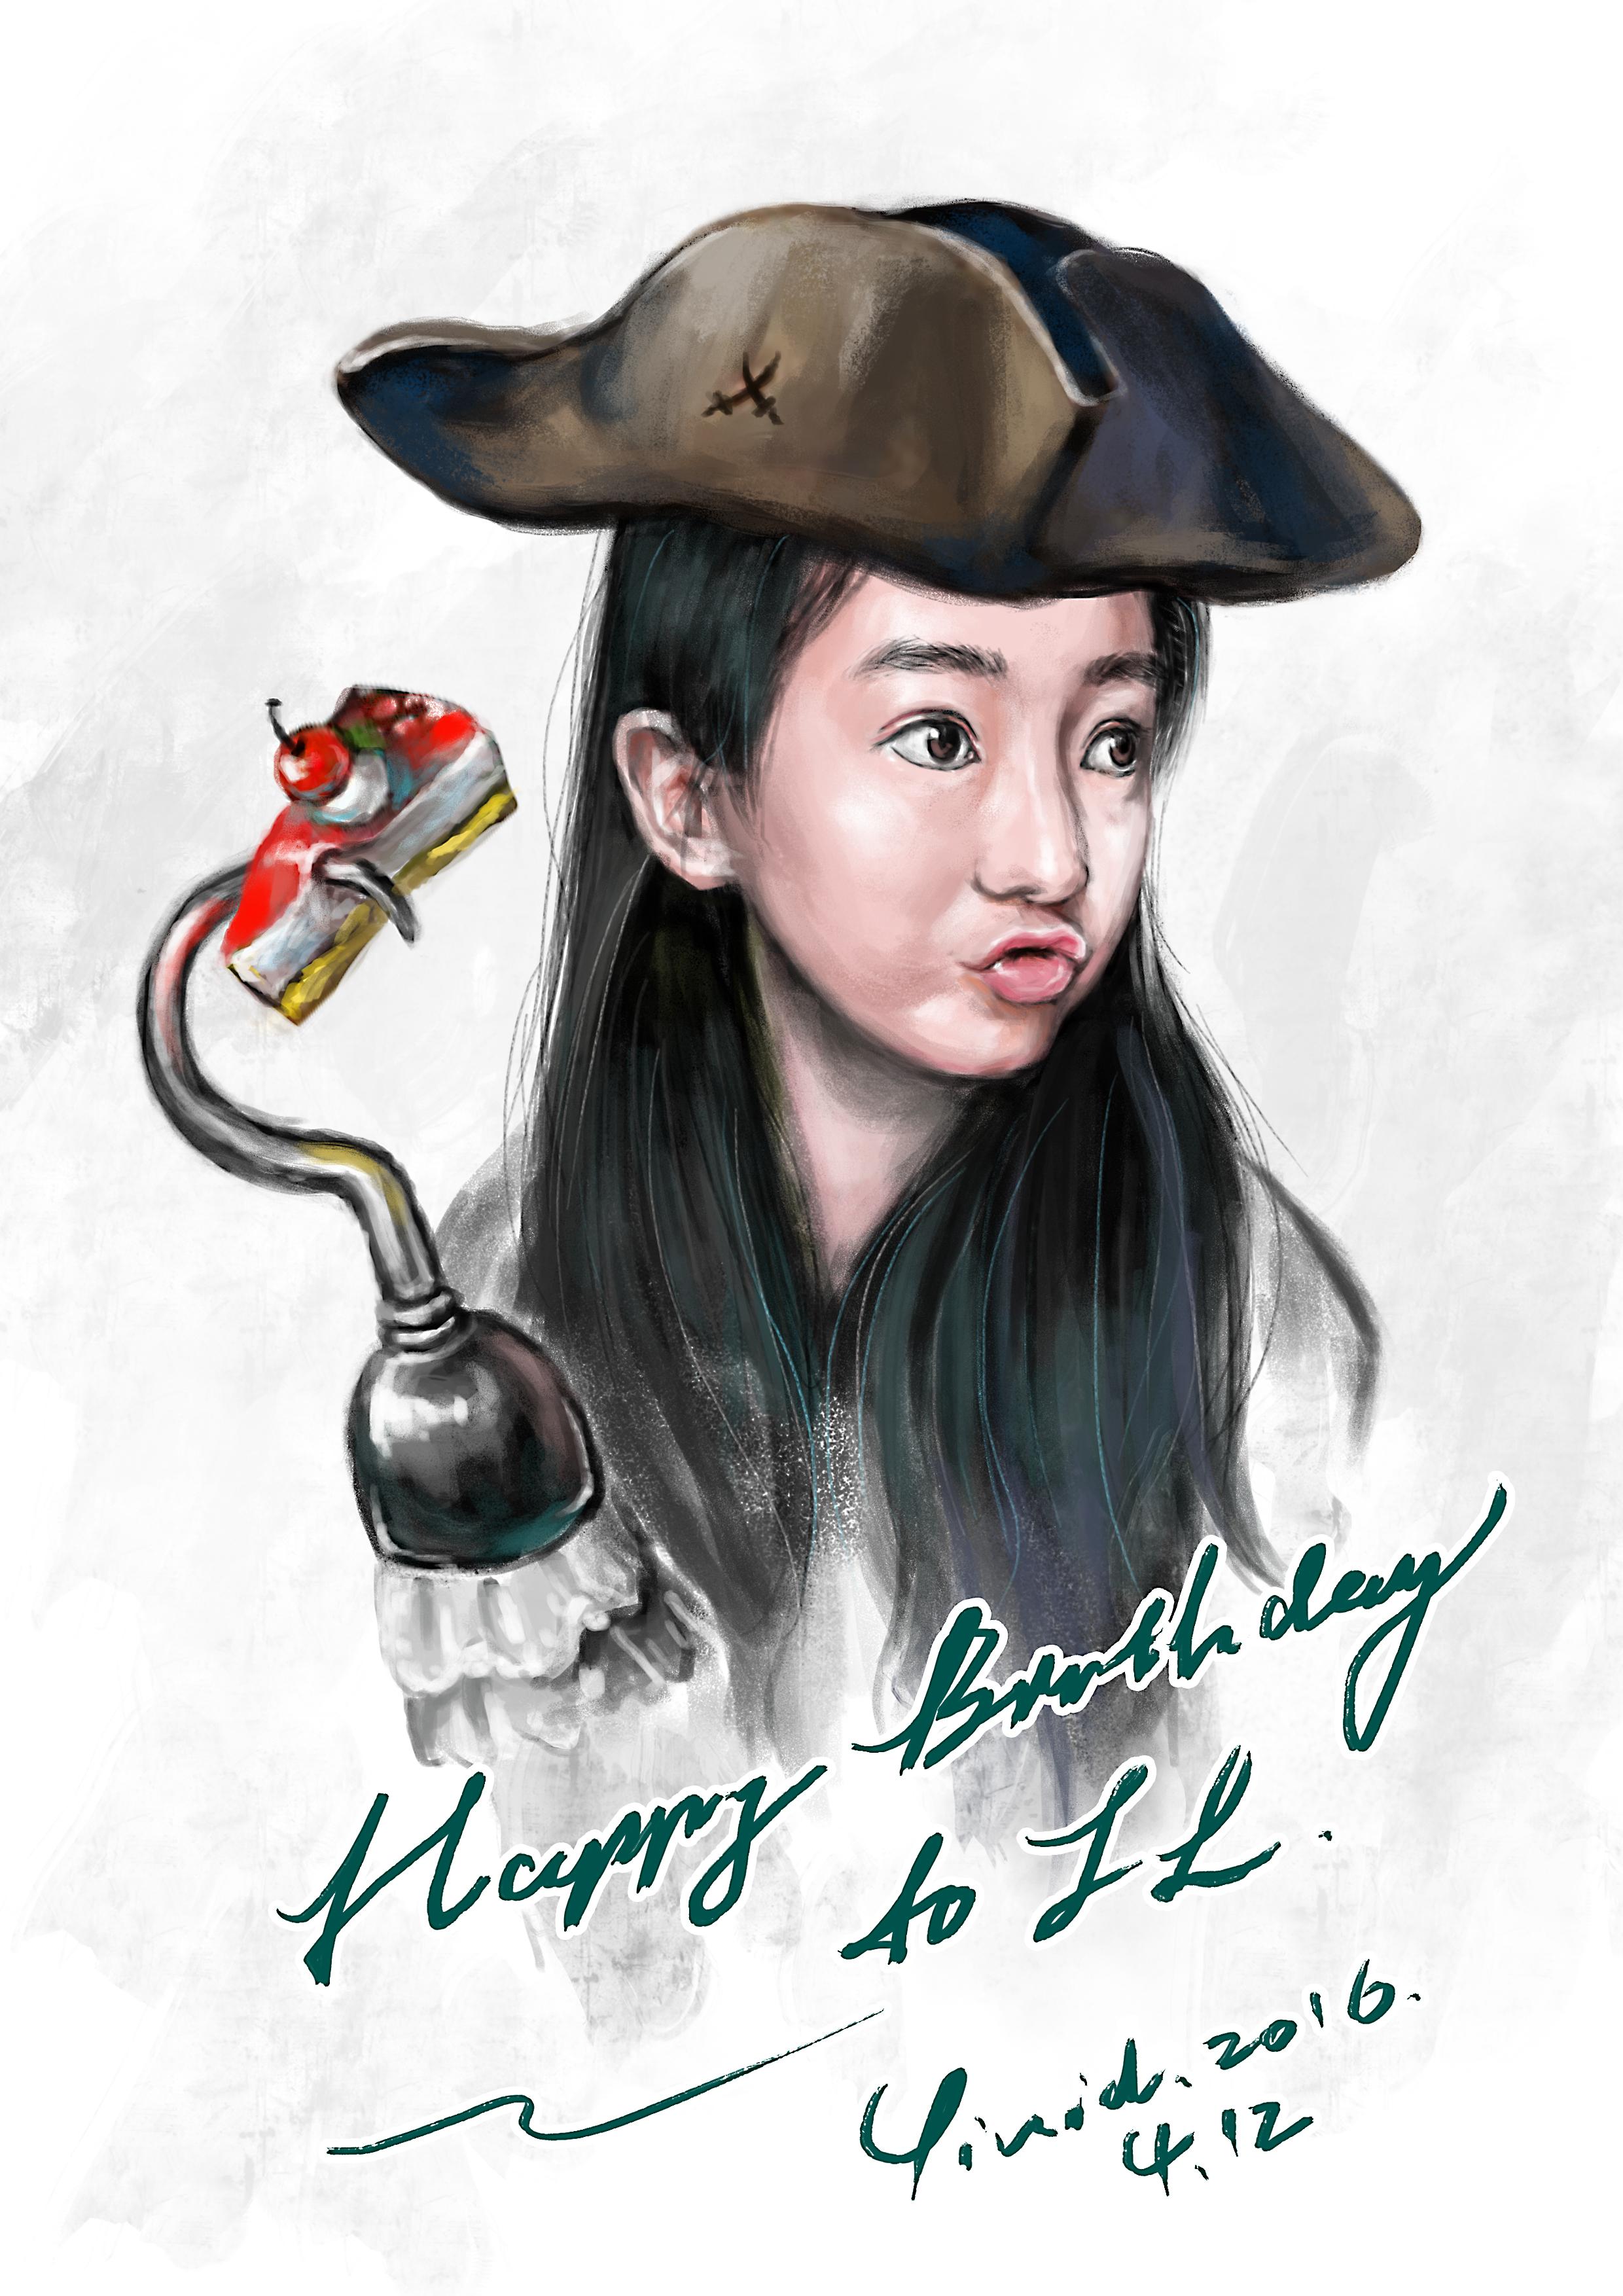 happy birthday 2016JL